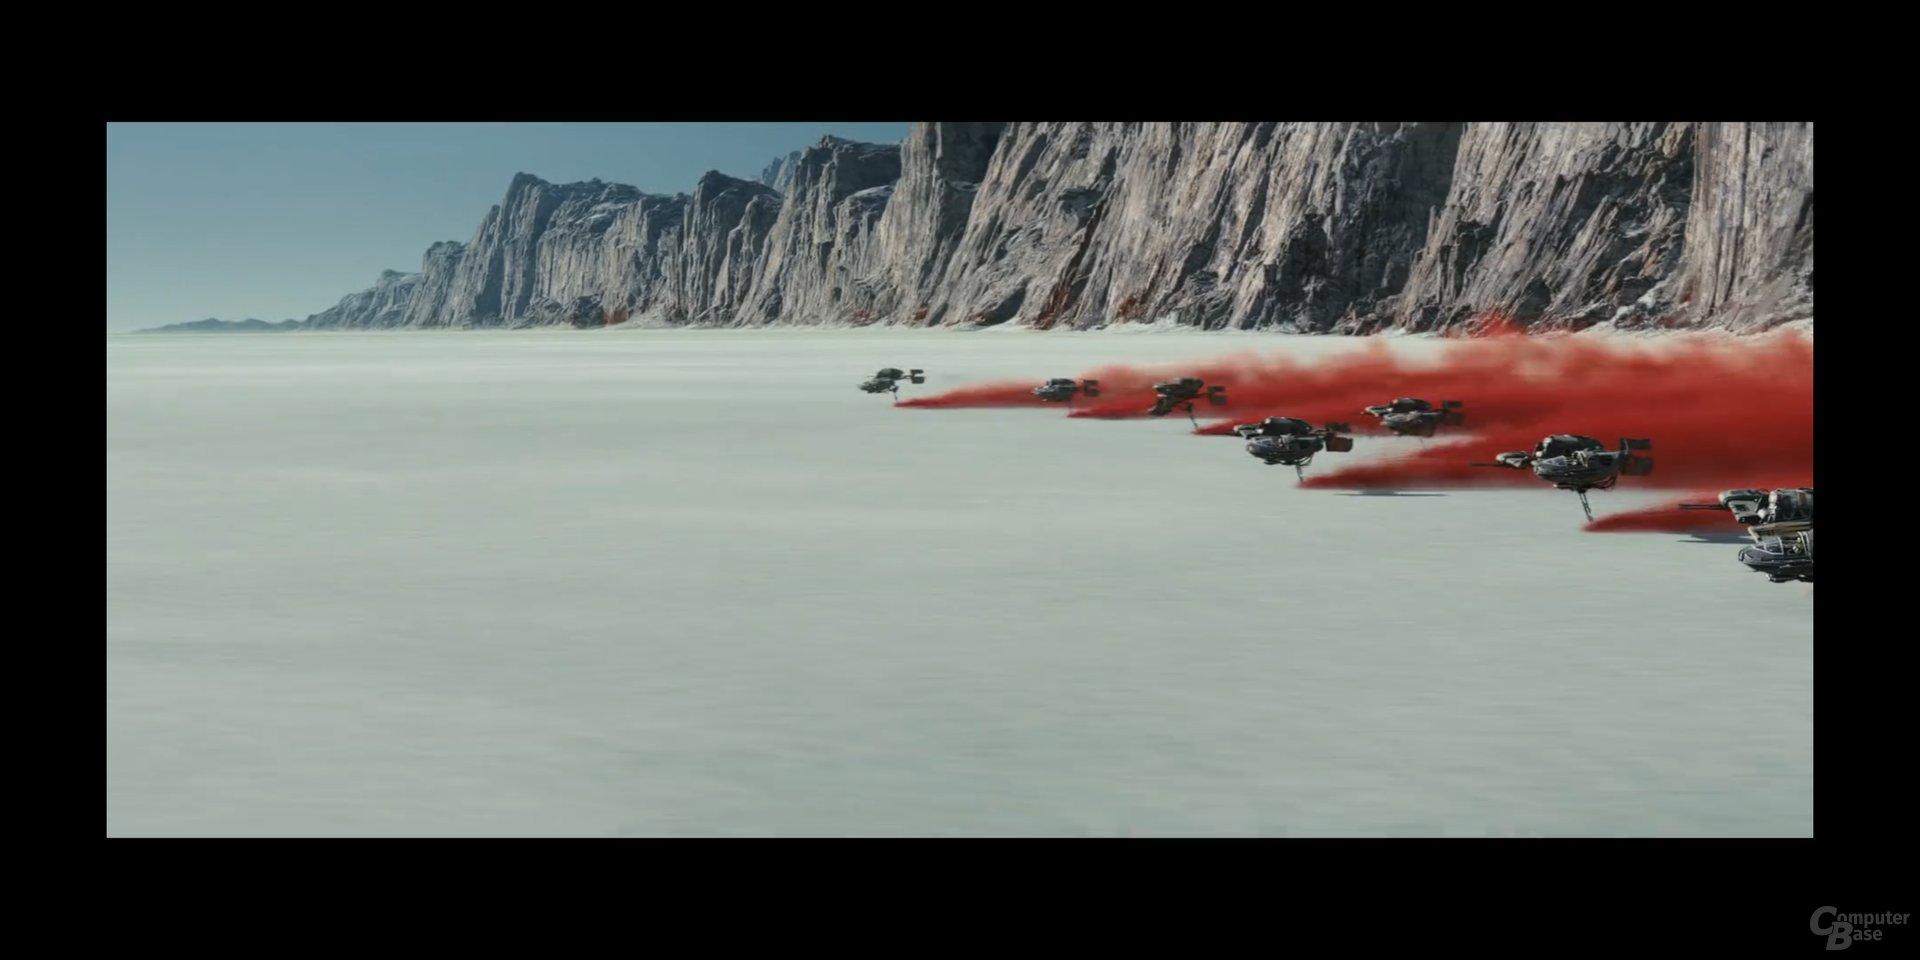 Cinemascope-Videos behalten schwarze Balken links und rechts